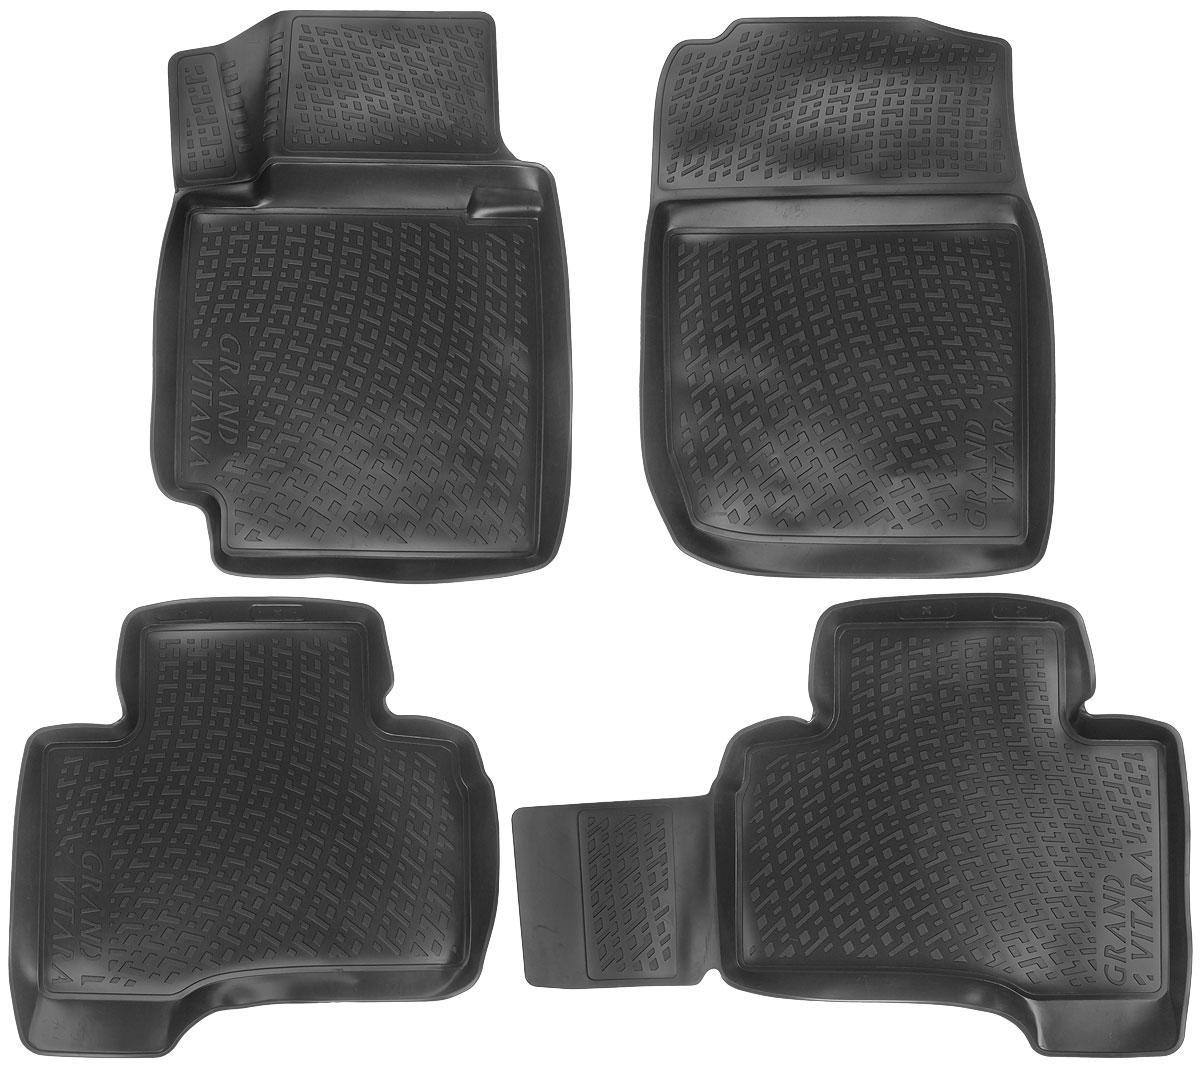 Набор автомобильных ковриков L.Locker Suzuki Grand Vitara 5 dr. 2005, в салон, 4 шт0212020201Набор L.Locker Suzuki Grand Vitara 5 dr. 2005, изготовленный из полиуретана, состоит из 4 антискользящих 3D ковриков, которые производятся индивидуально для каждой модели автомобиля. Изделие точно повторяет геометрию пола автомобиля, имеет высокий борт, обладает повышенной износоустойчивостью, лишено резкого запаха и сохраняет свои потребительские свойства в широком диапазоне температур от -50°С до +50°С. Набор подходит для автомобилей с 2005 года выпуска. Комплектация: 4 шт.Размер ковриков: 74 см х 54 см; 58 см х 61 см; 87 см х 58 см; 73 см х 53 см.